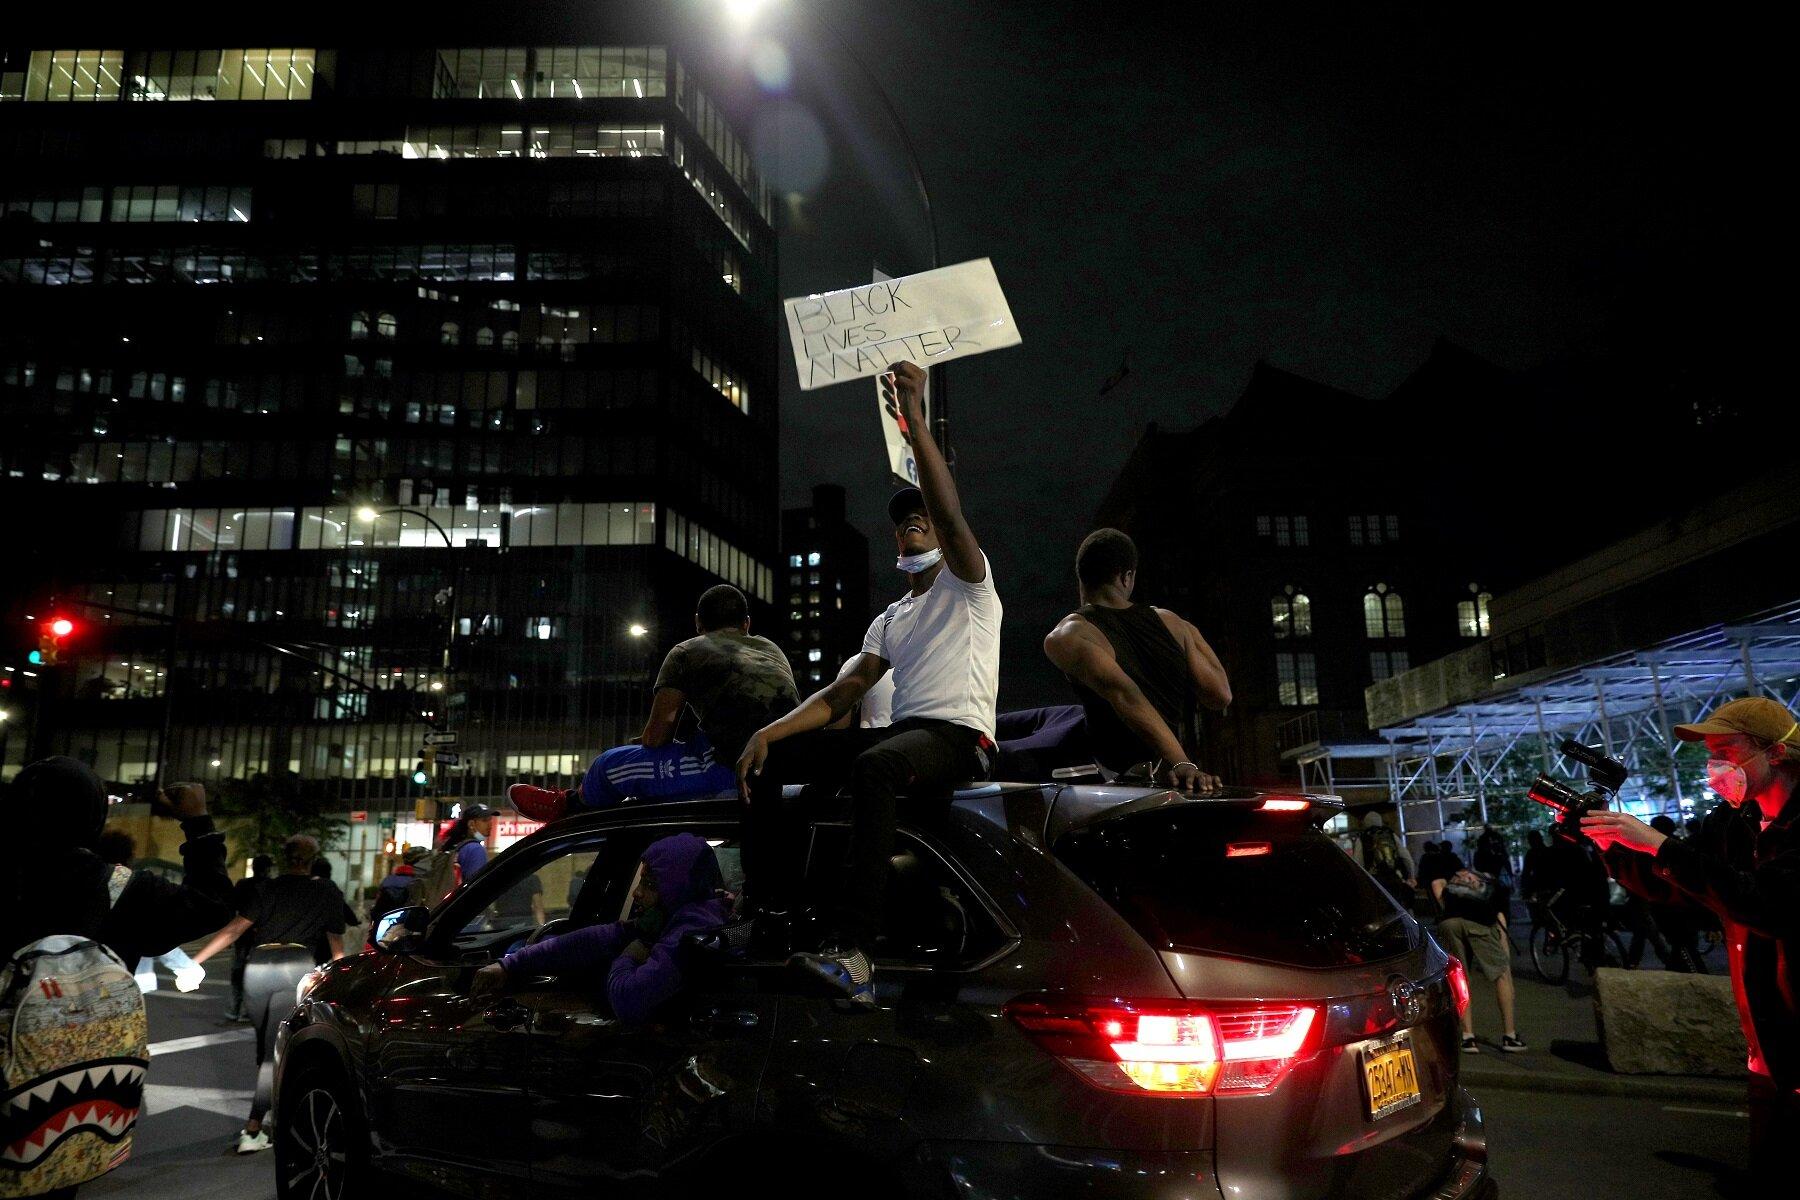 لليوم الثامن على التوالي الاحتجاجات المناهضة للعنصرية تتواصل بالولايات المتحدة